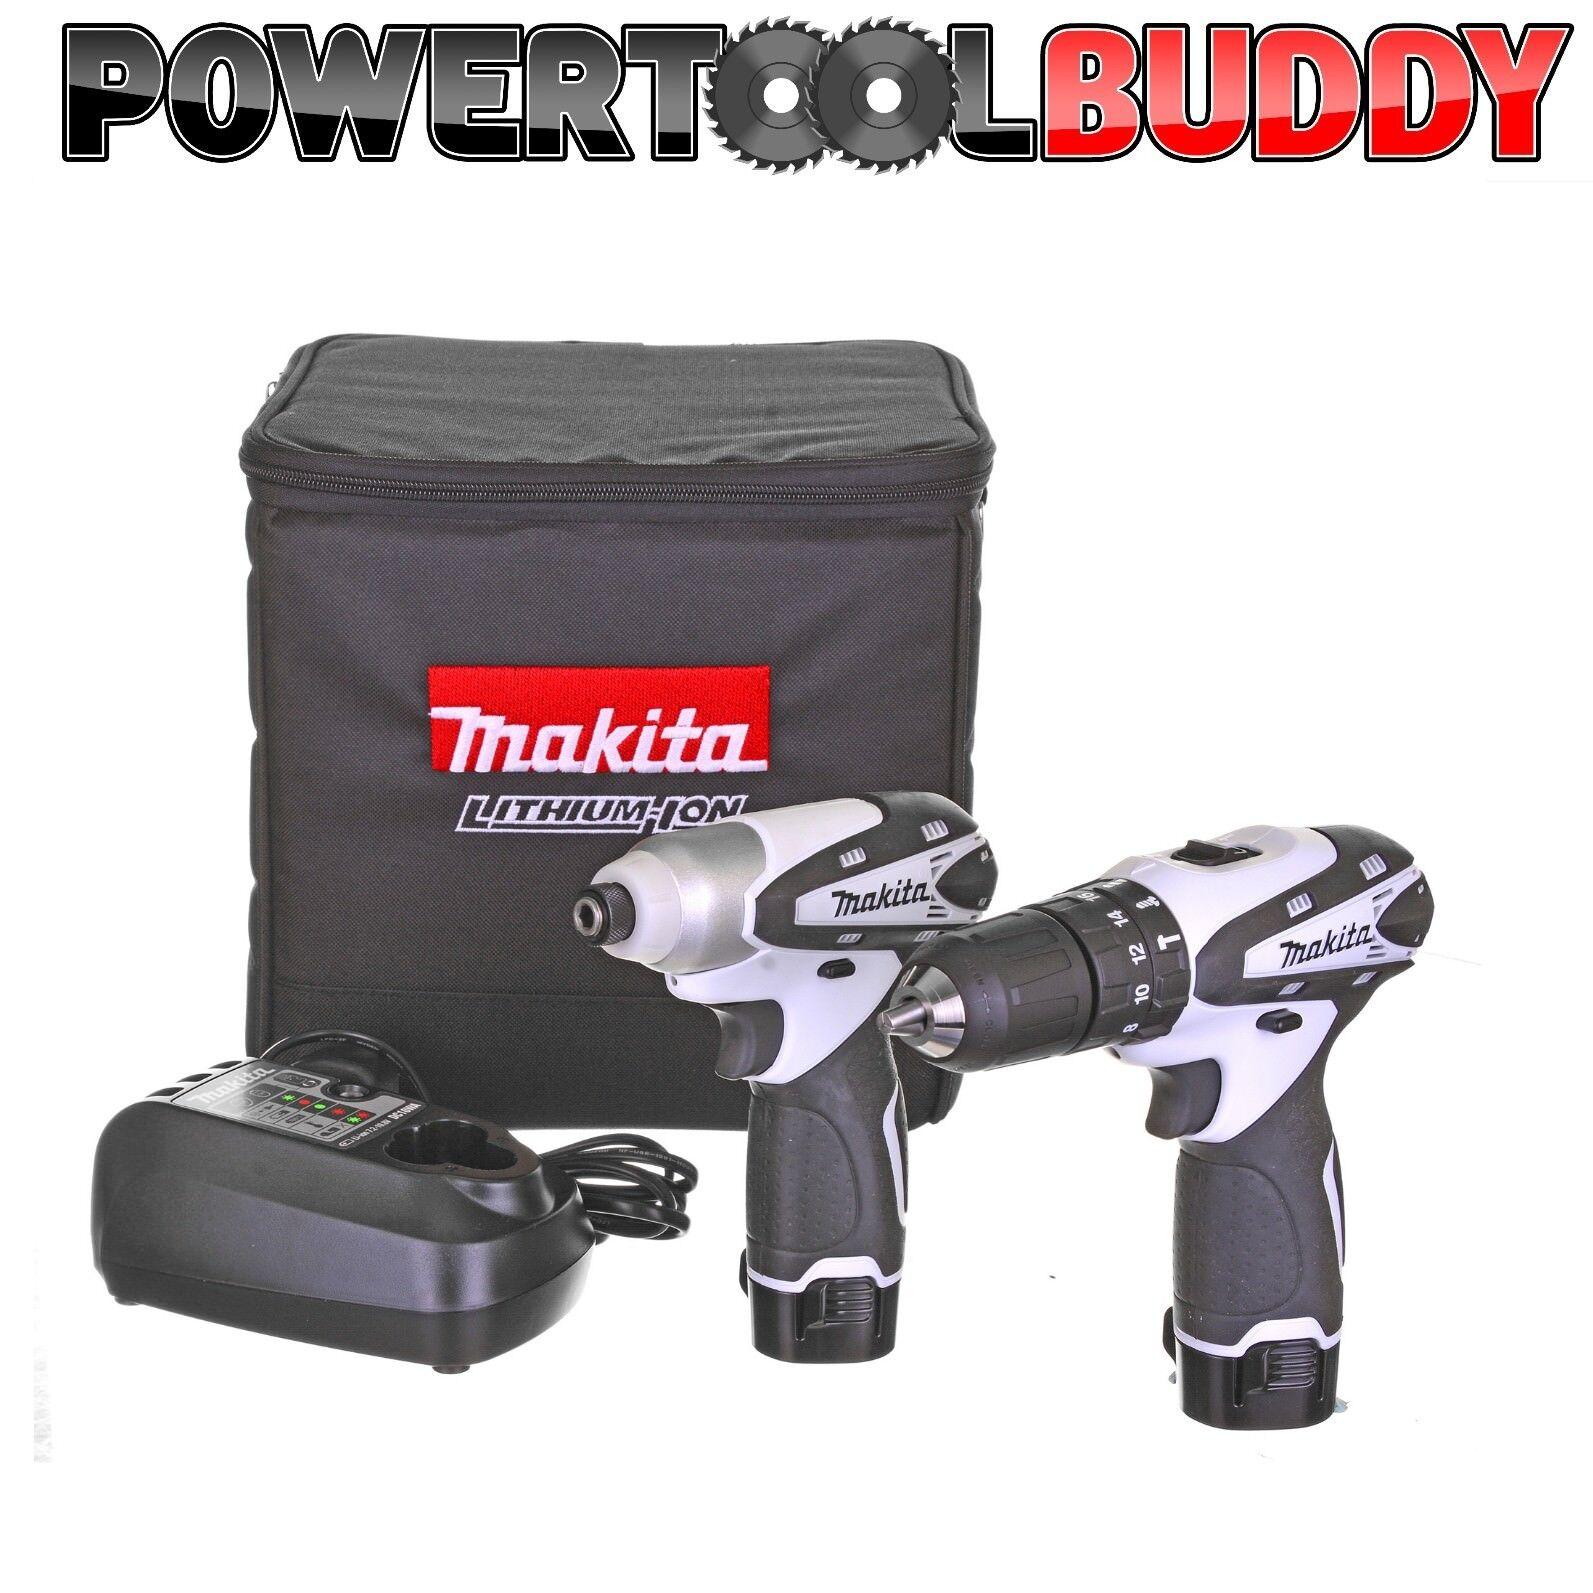 Makita DK1493WX 10.8volt Li-ion 2 Pc Cordless Drill Kit, Impact/Combi Drill